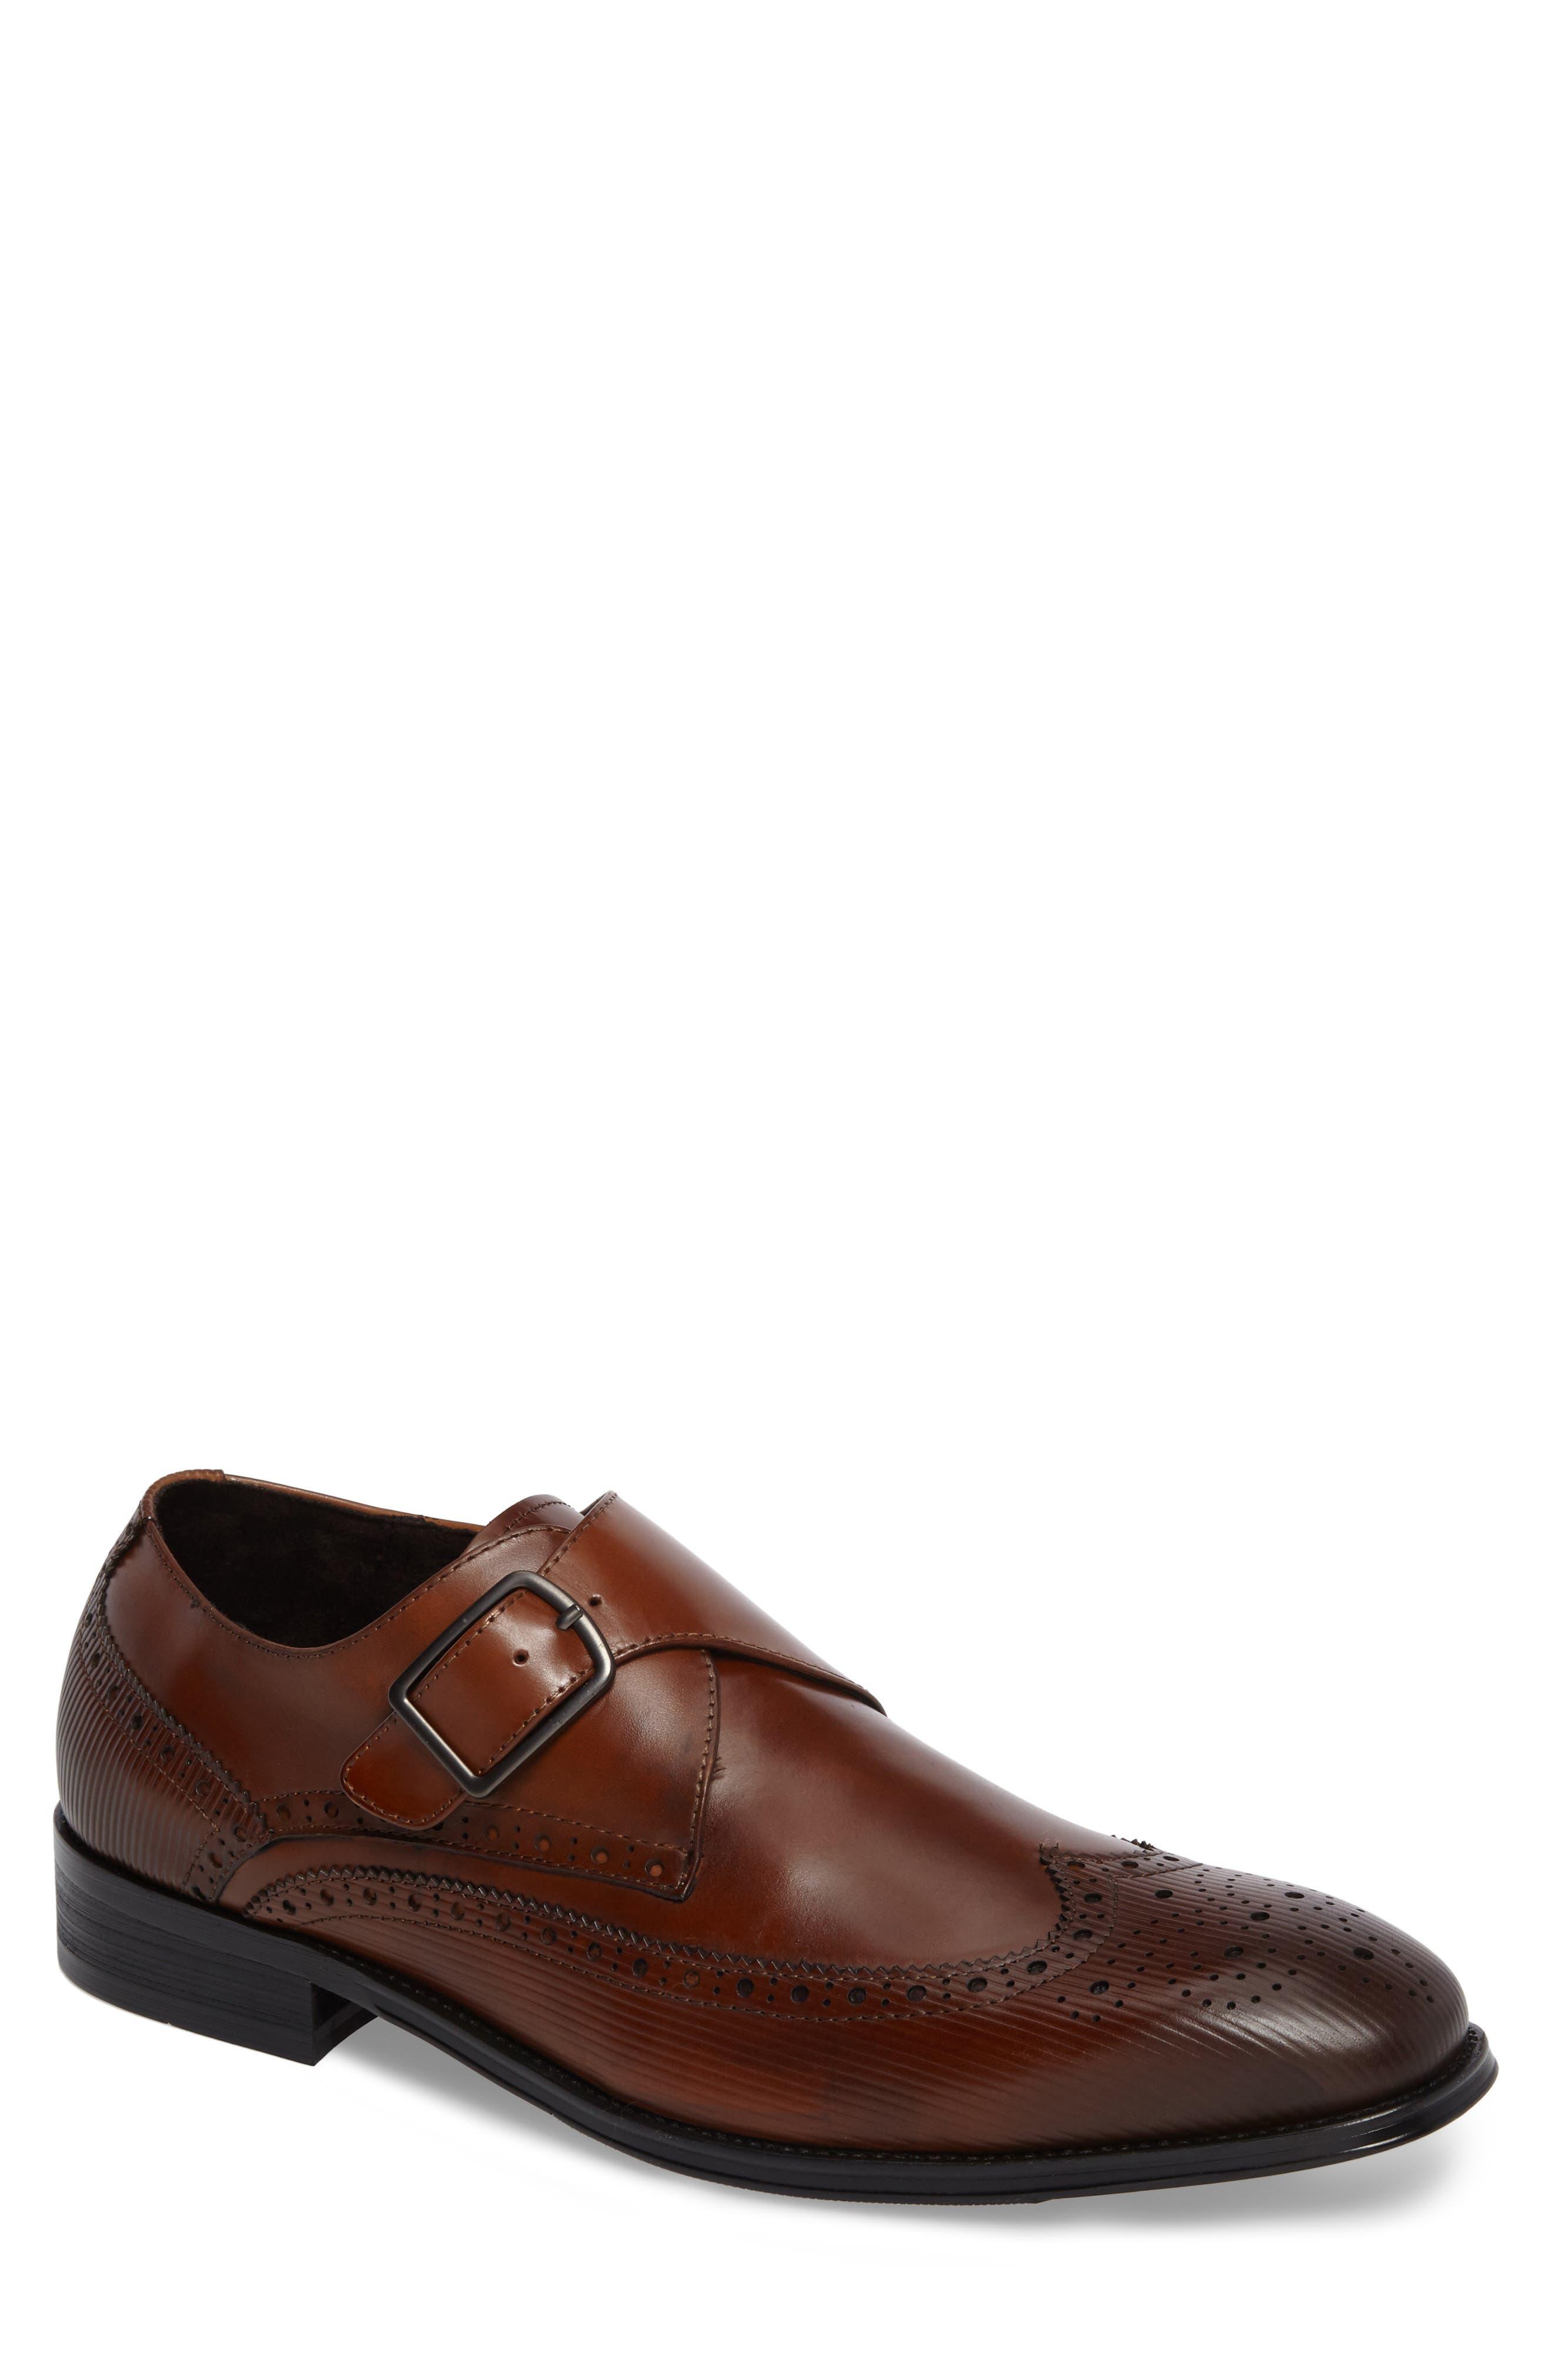 Design Monk Strap Shoe,                             Main thumbnail 1, color,                             Cognac Leather